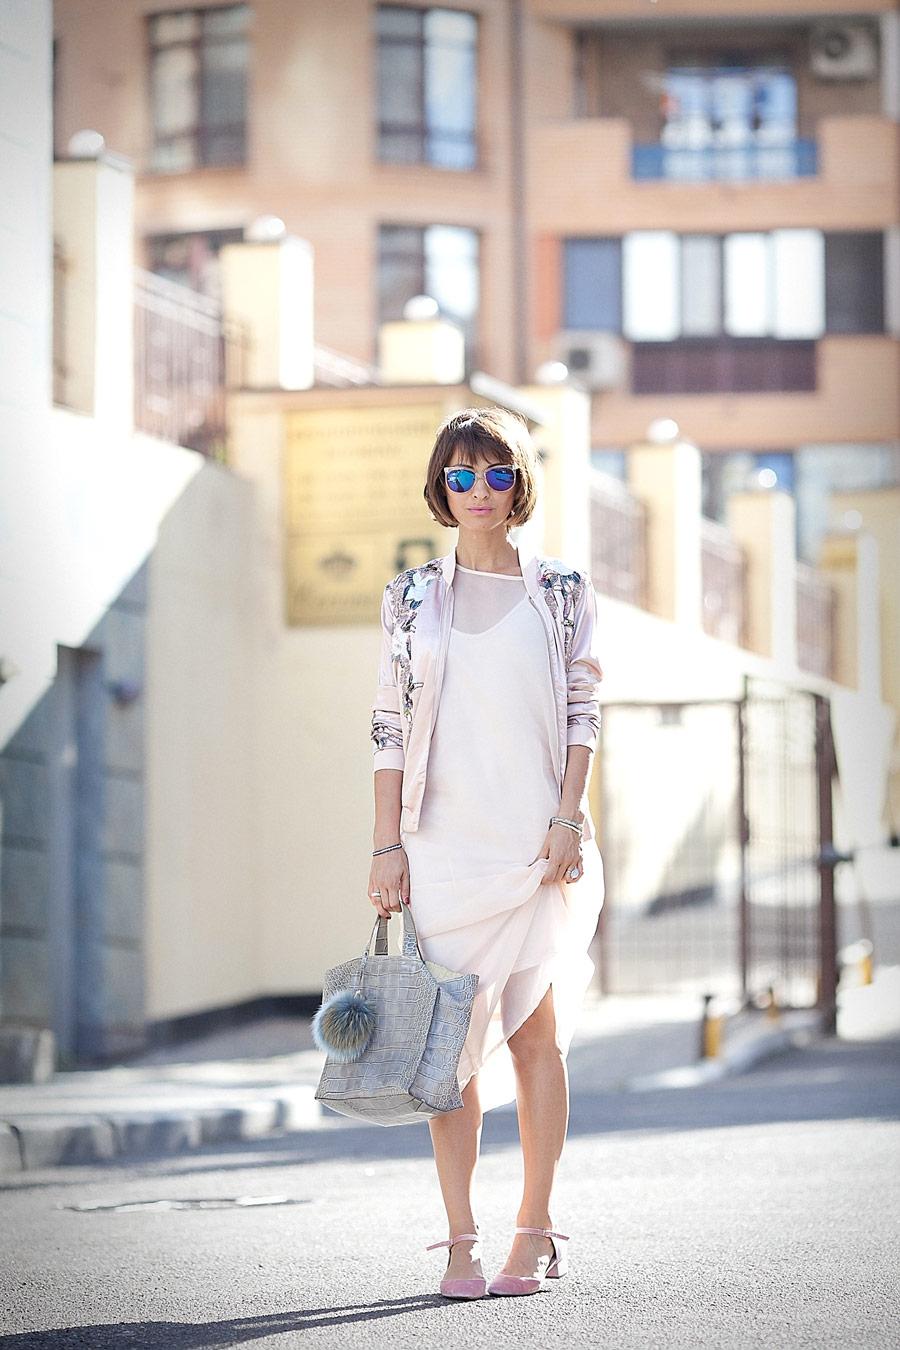 Елена Галант, фешн блоггер, летние луки, образы на лето, сумка furla, женственный образ на лето, как носить пудровые цвета,